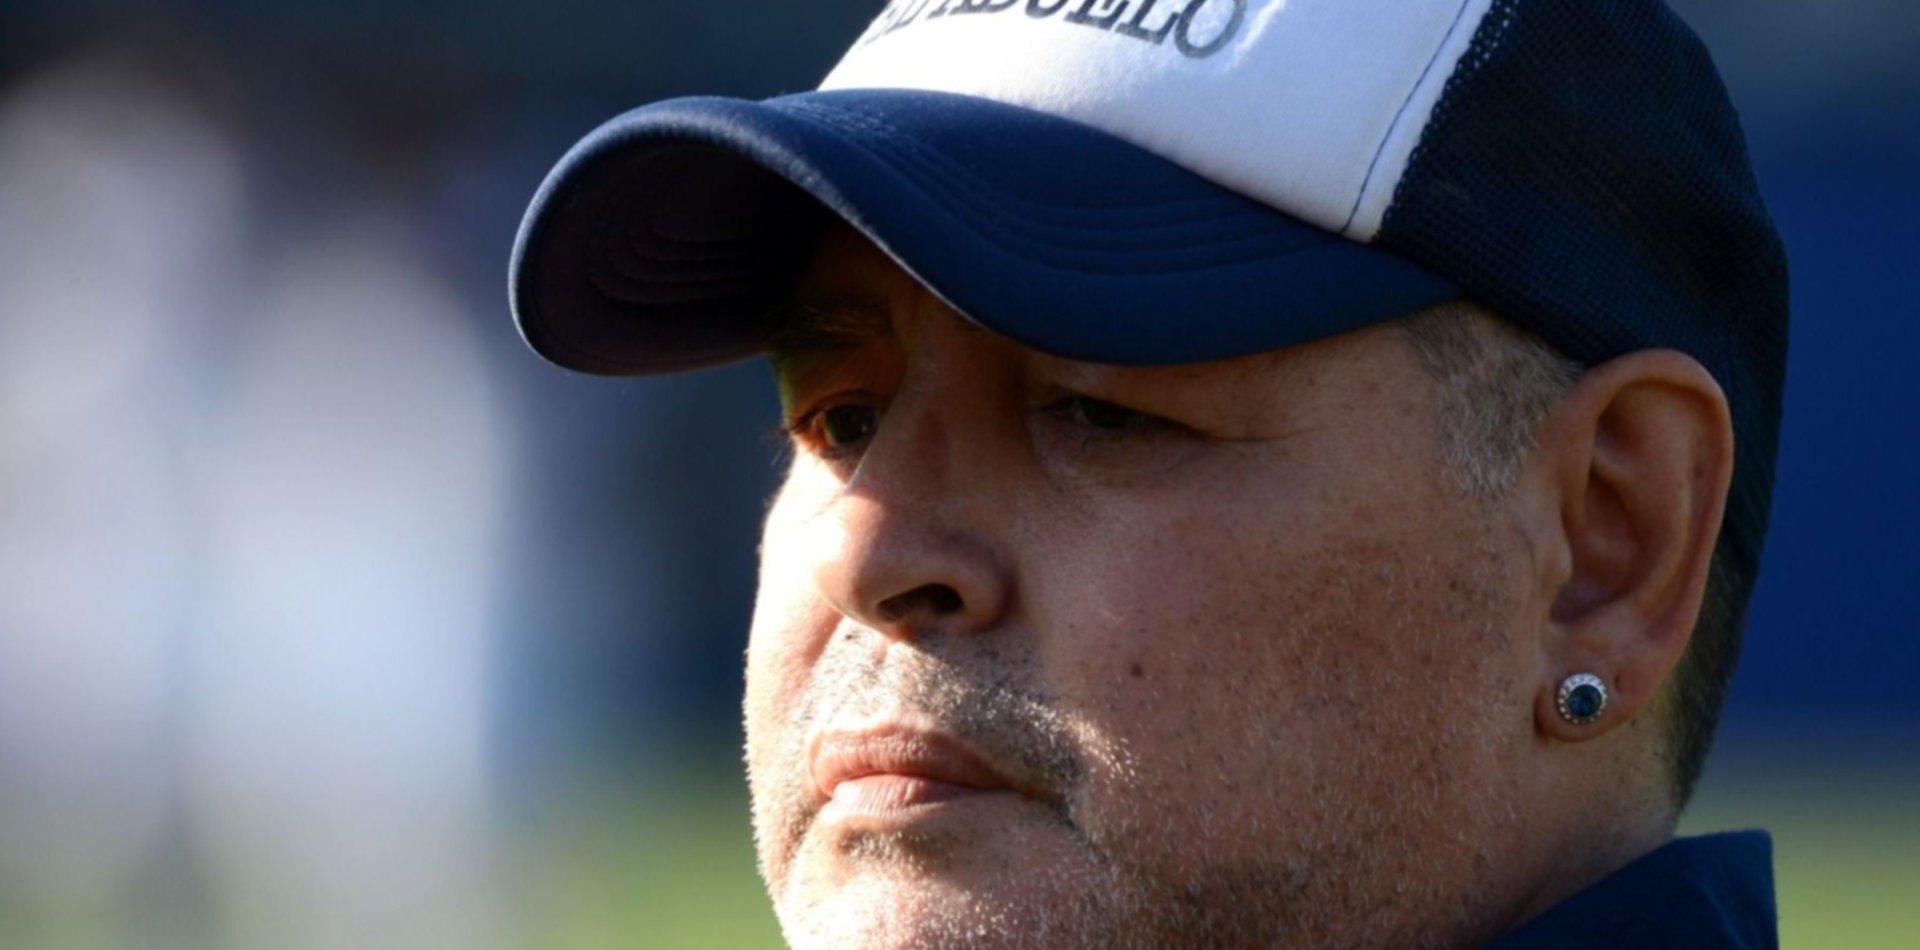 Las emotivas palabras de Maradona para su hermana tras la muerte de su cuñado por COVID-19